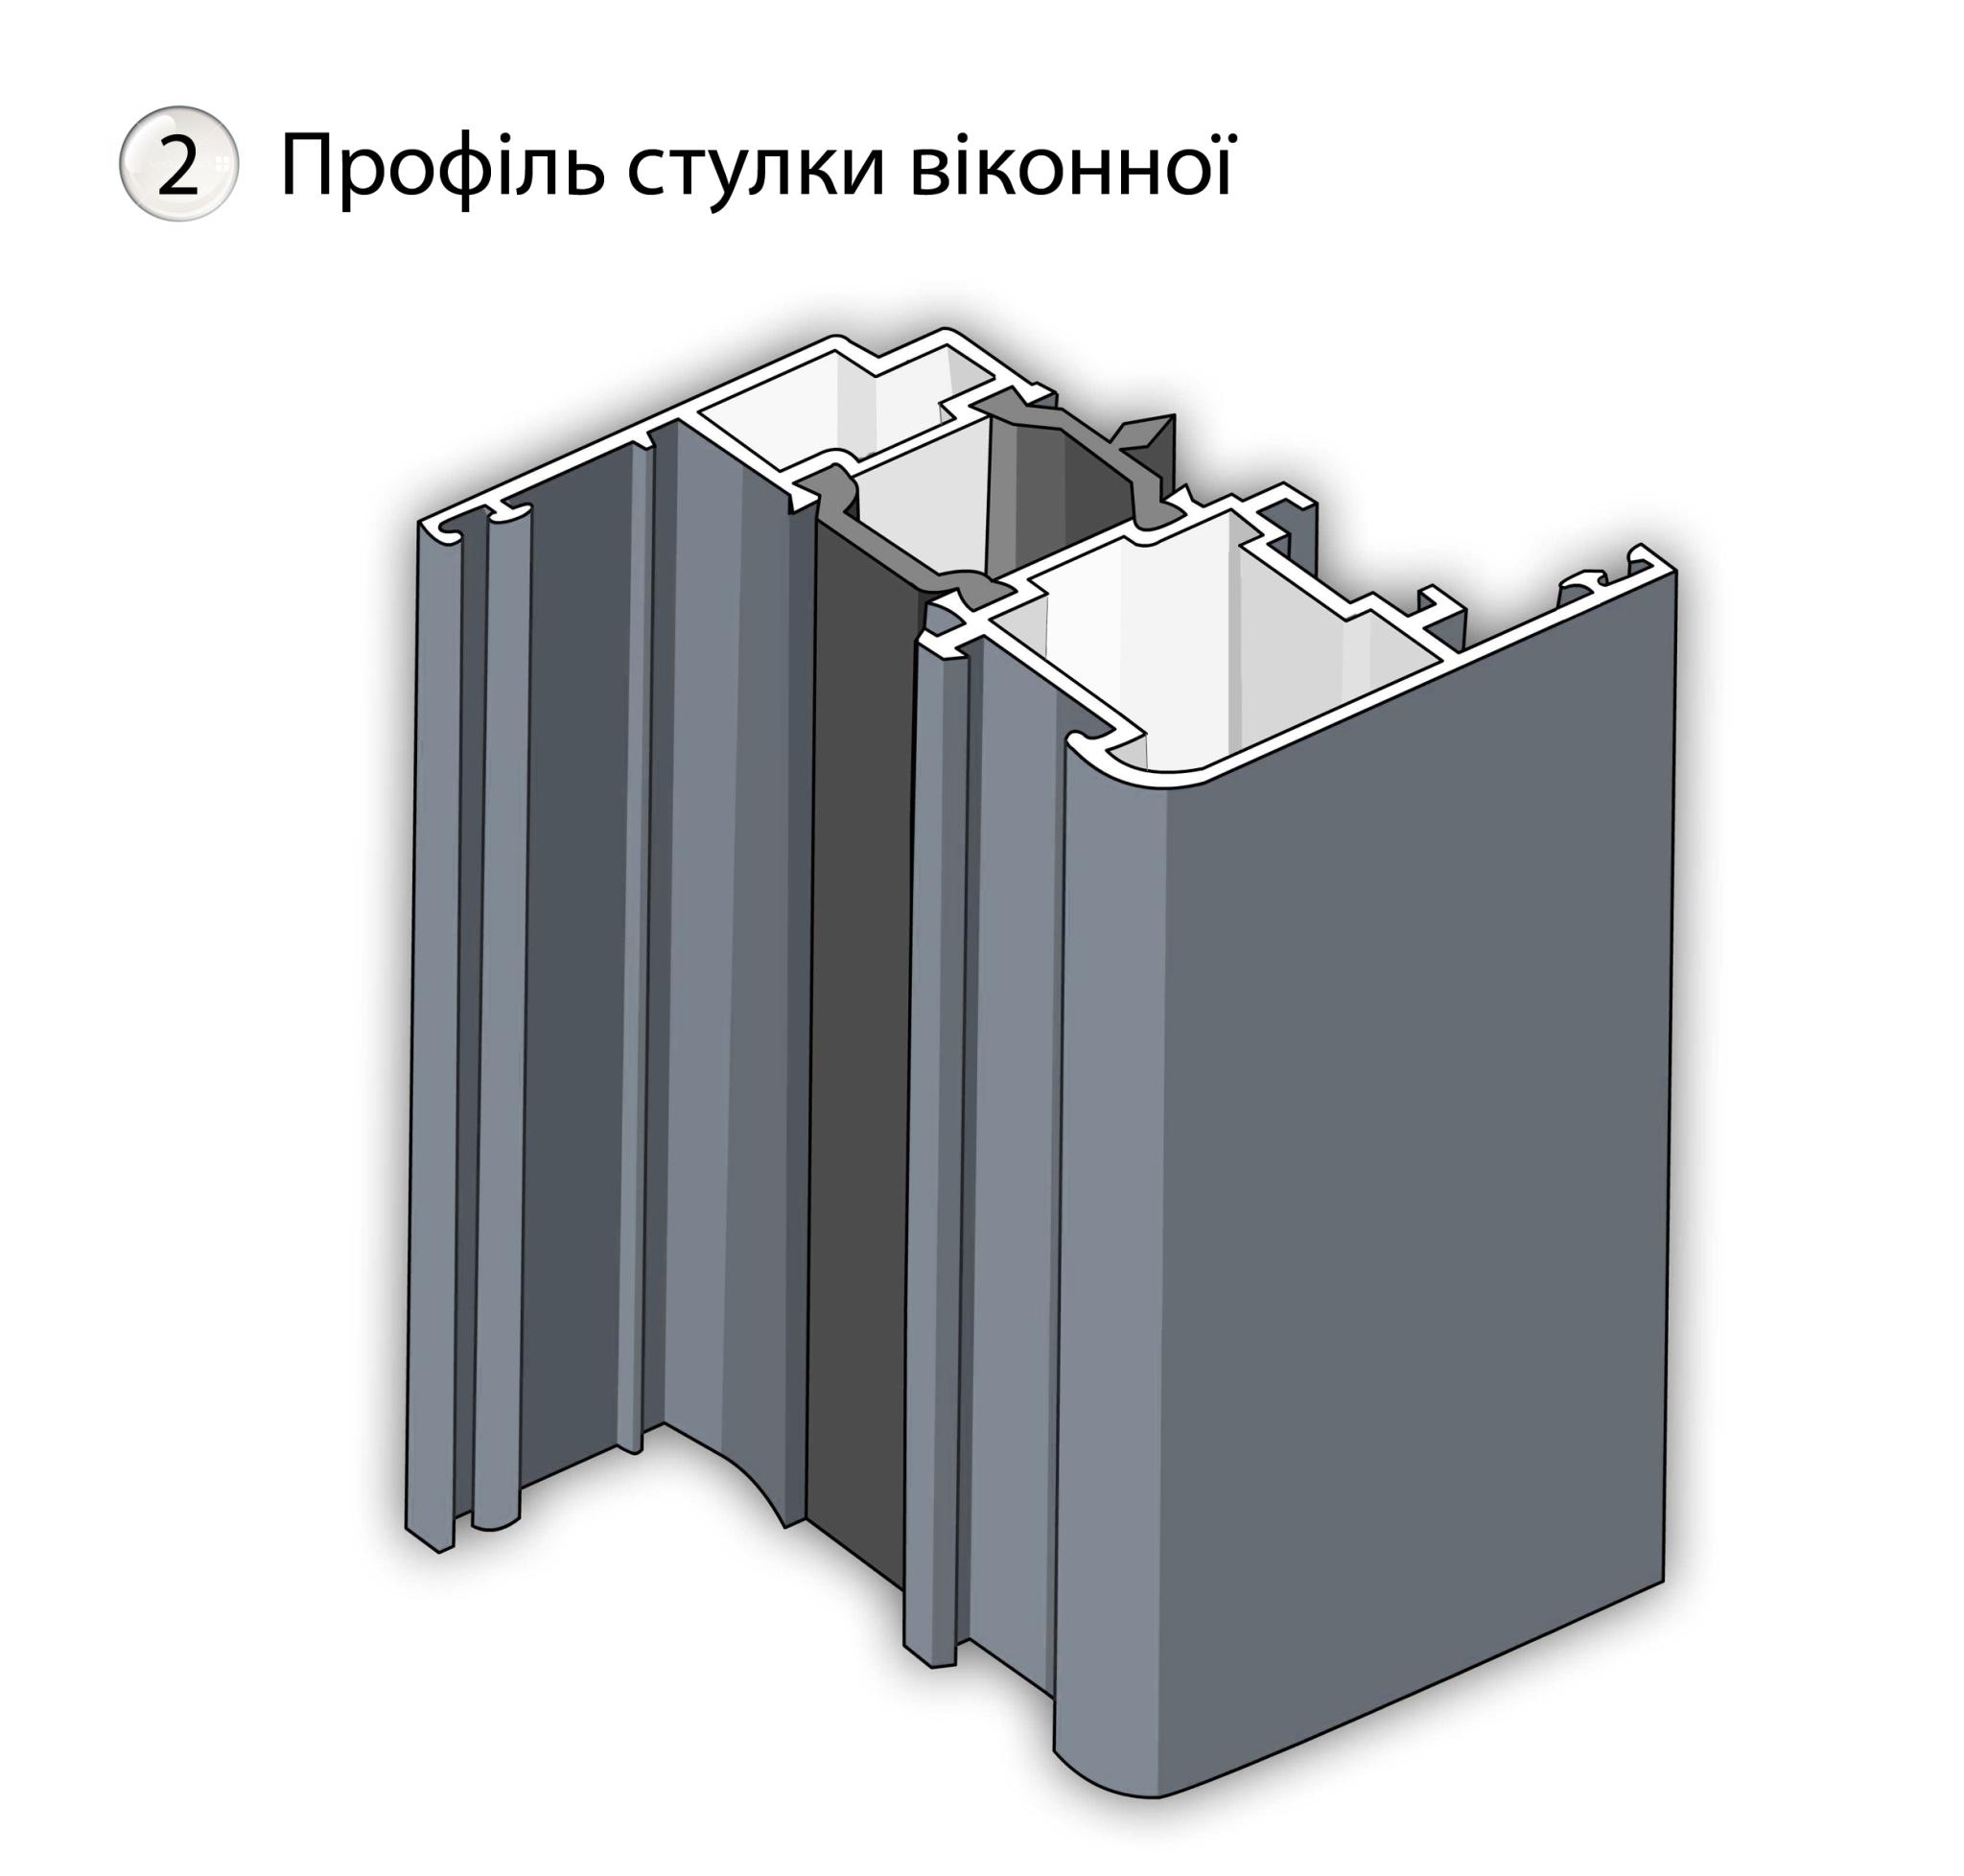 Профіль стулки віконної